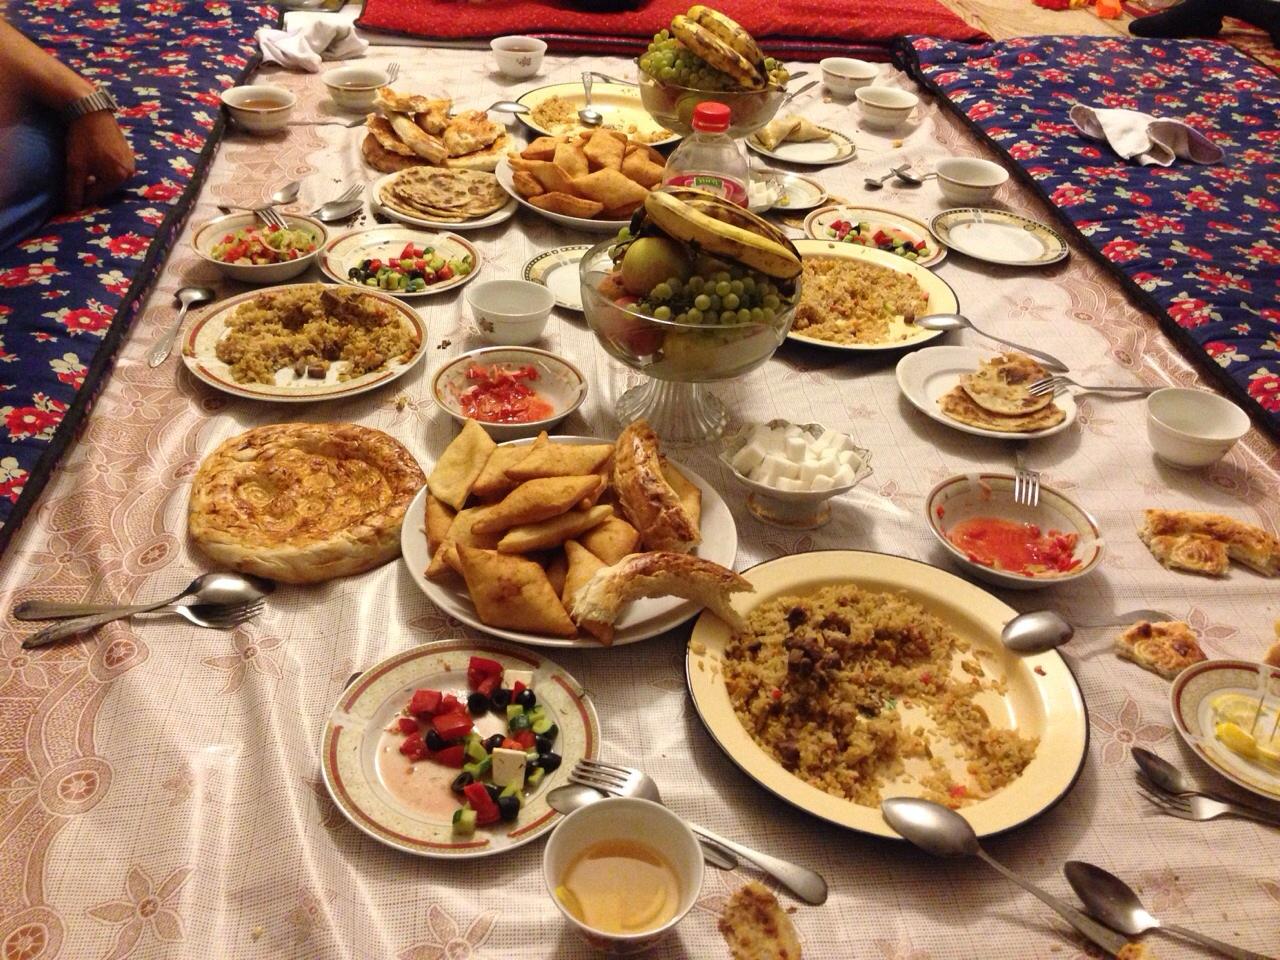 写真4(カザフスタンの郷土料理)